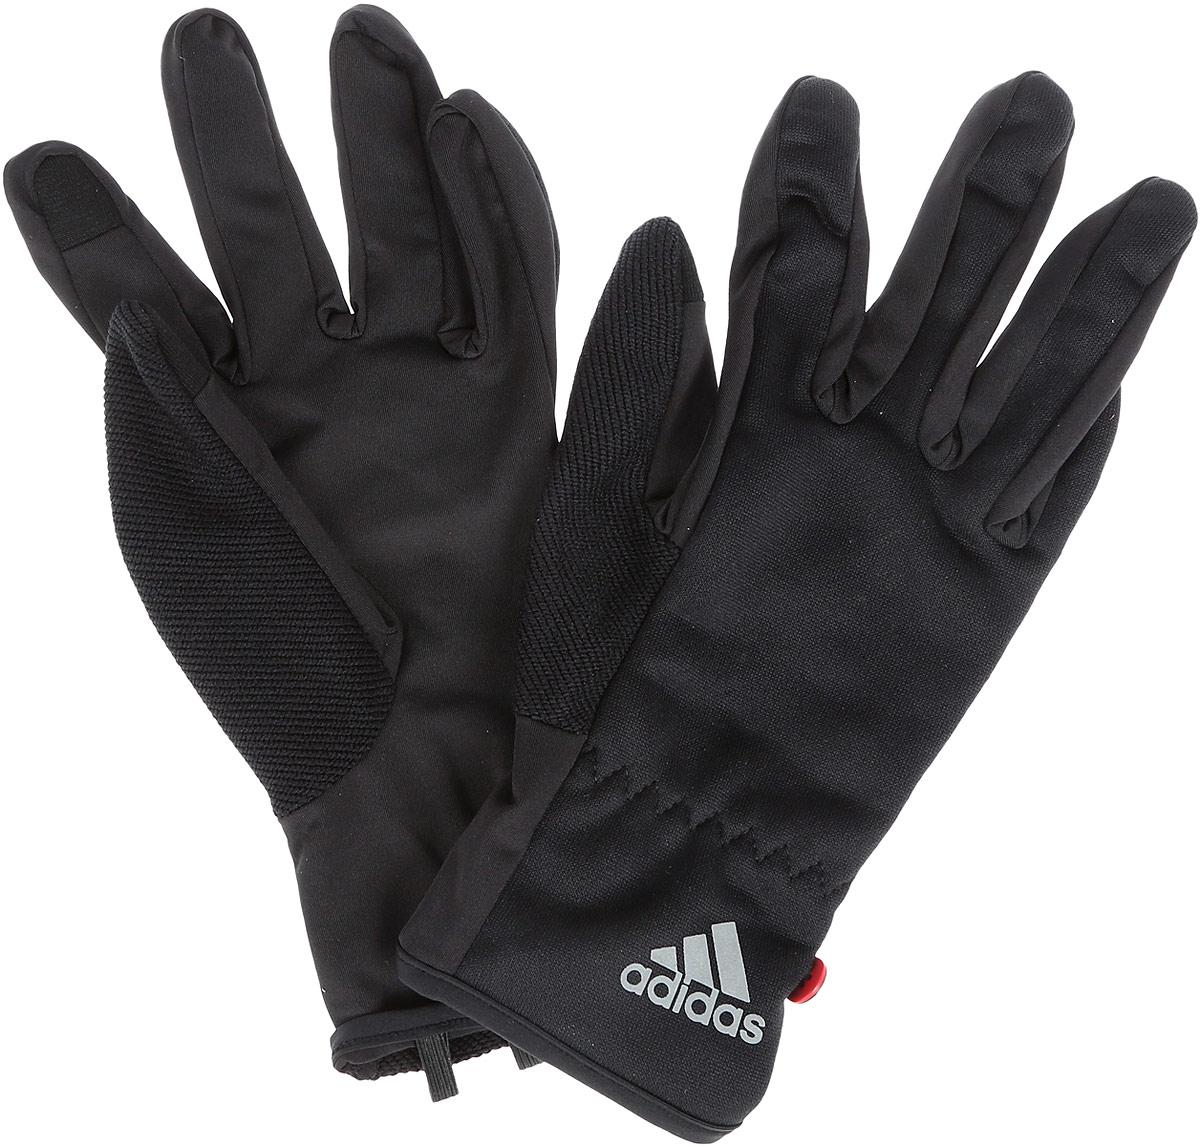 Перчатки для бега adidas Run Clmlt Glove, цвет: черный. S94173. Размер L (22)S94173Мягкие и легкие перчатки Adidas Run Clmlt Glove защитят вас от холода и непогоды во время интенсивной тренировки. Технология Сlimalite способствуетбыстрому выведению влаги с поверхности тела. Модель оформлена логотипом бренда.Выделяйтесь из толпы благодаря стильному дизайну перчаток.